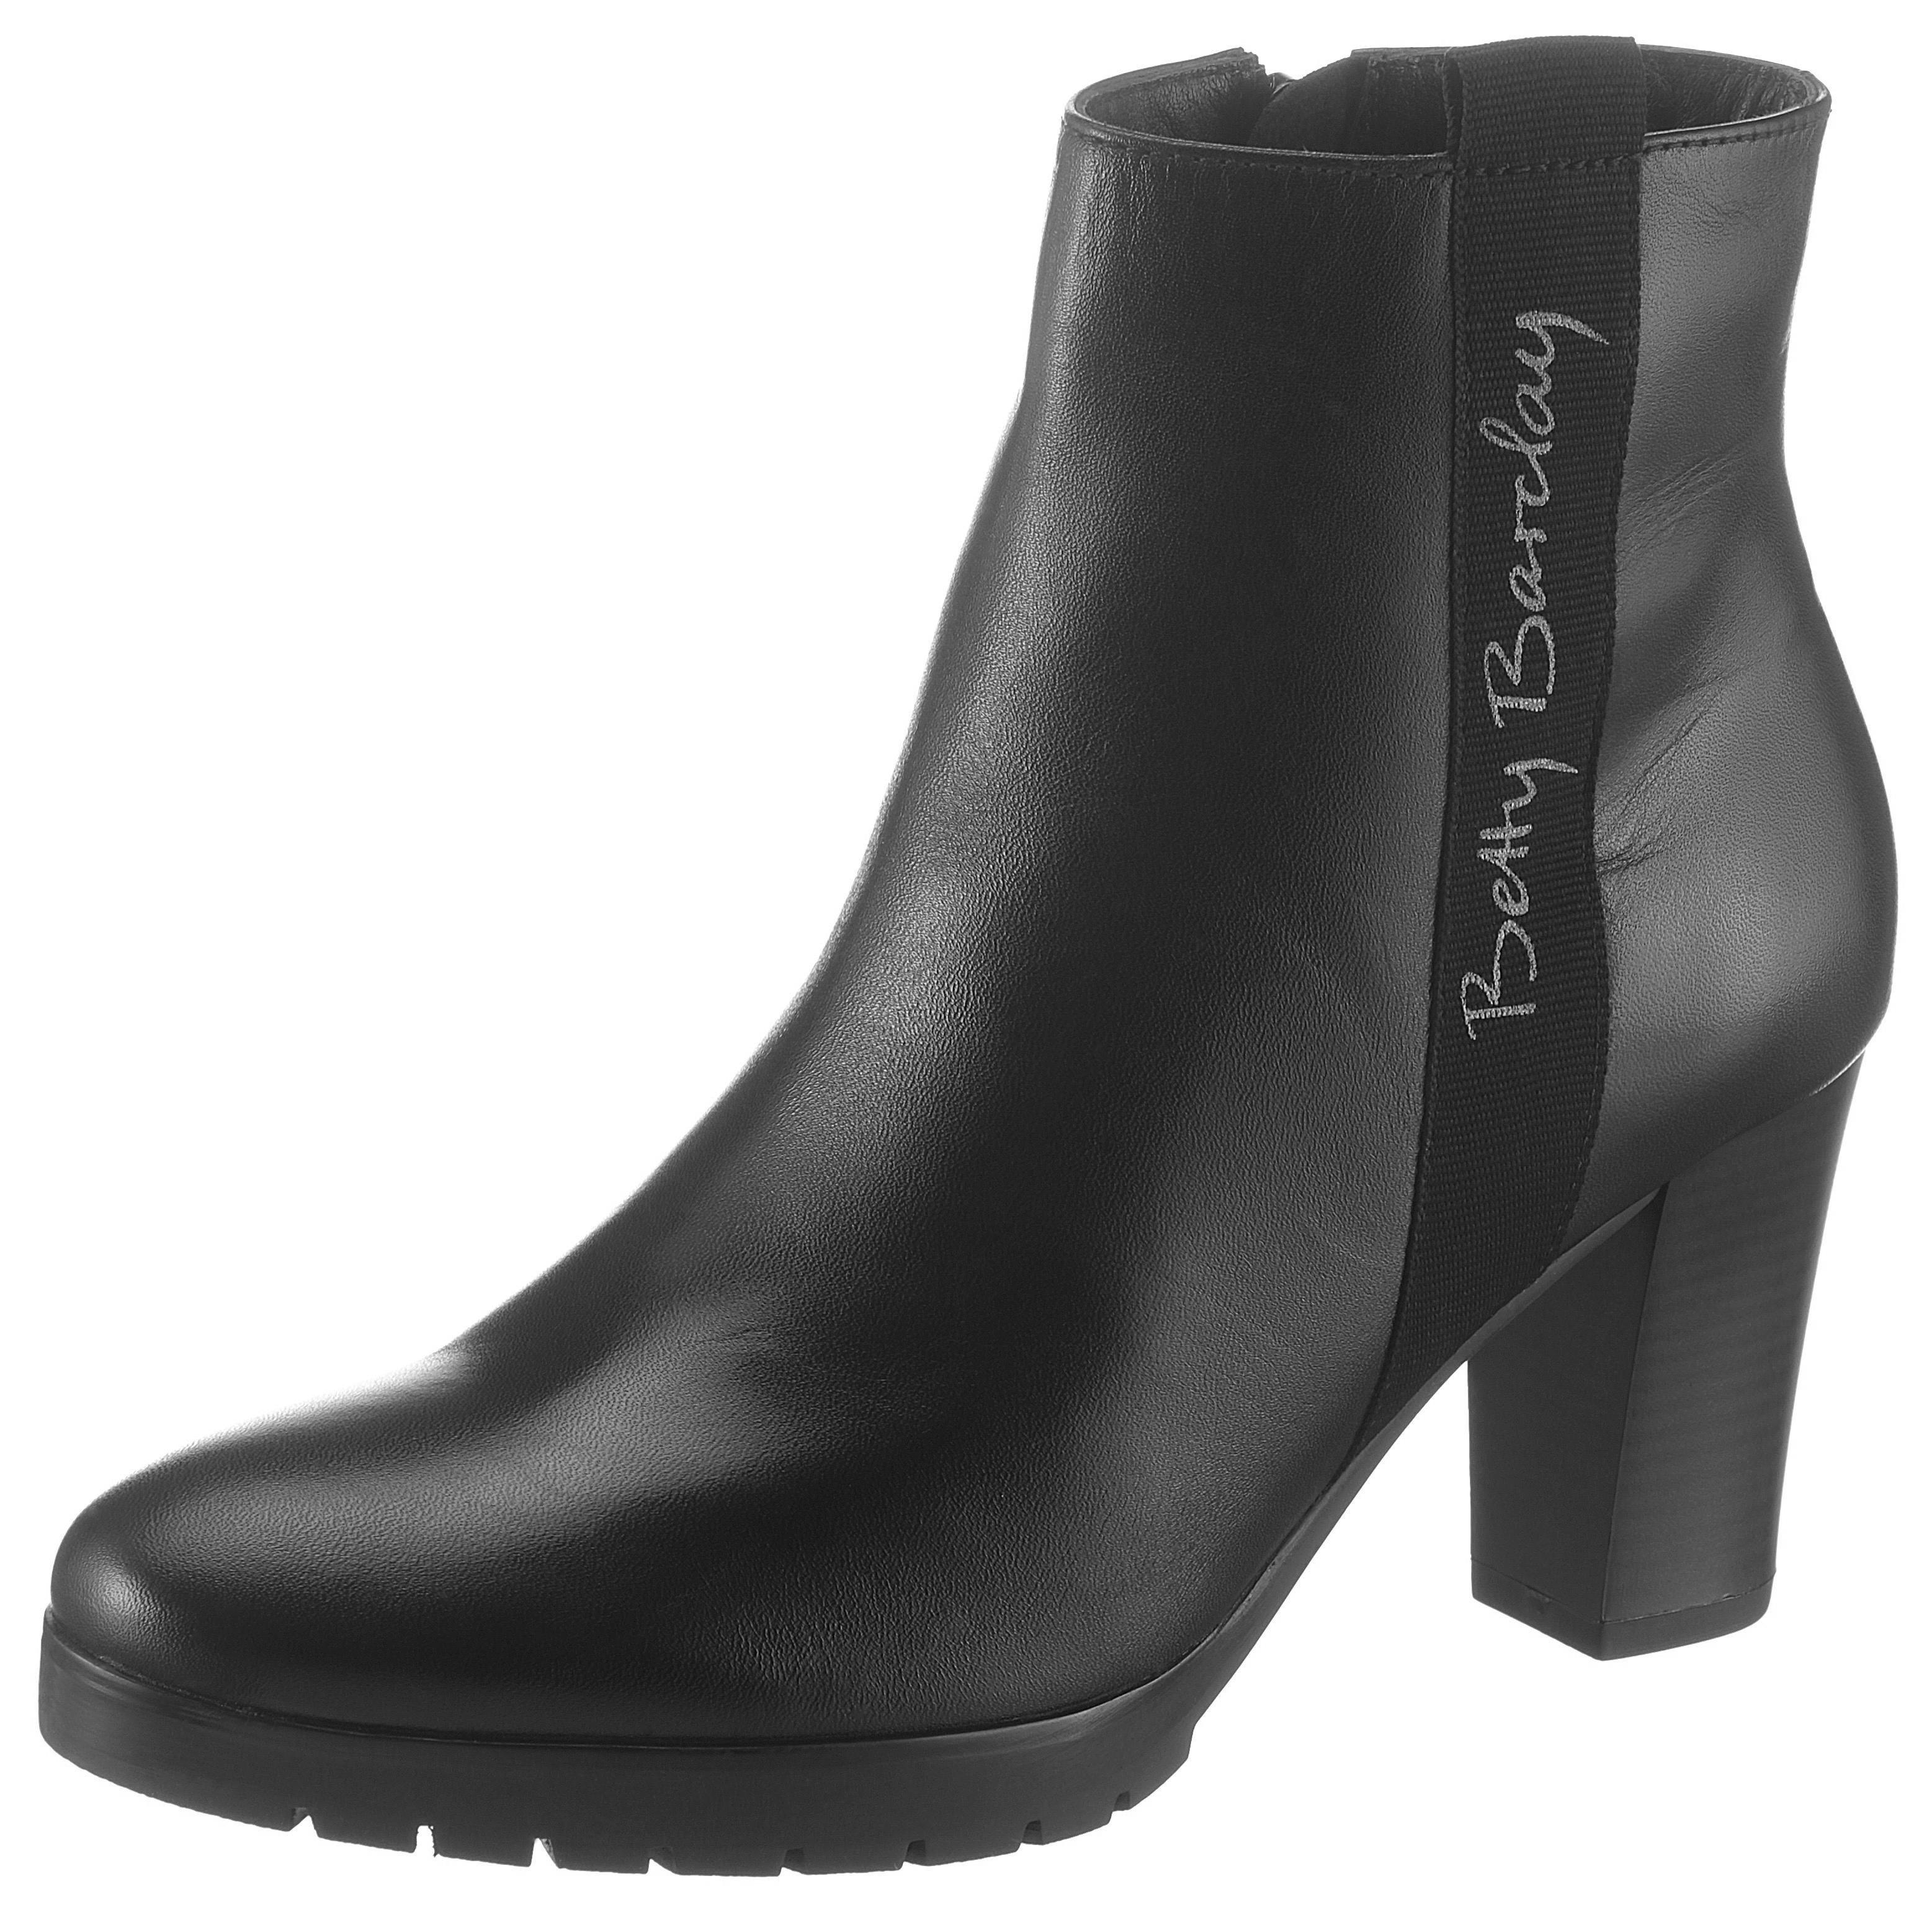 Betty Barclay Shoes laarsjes nu online kopen bij OTTO